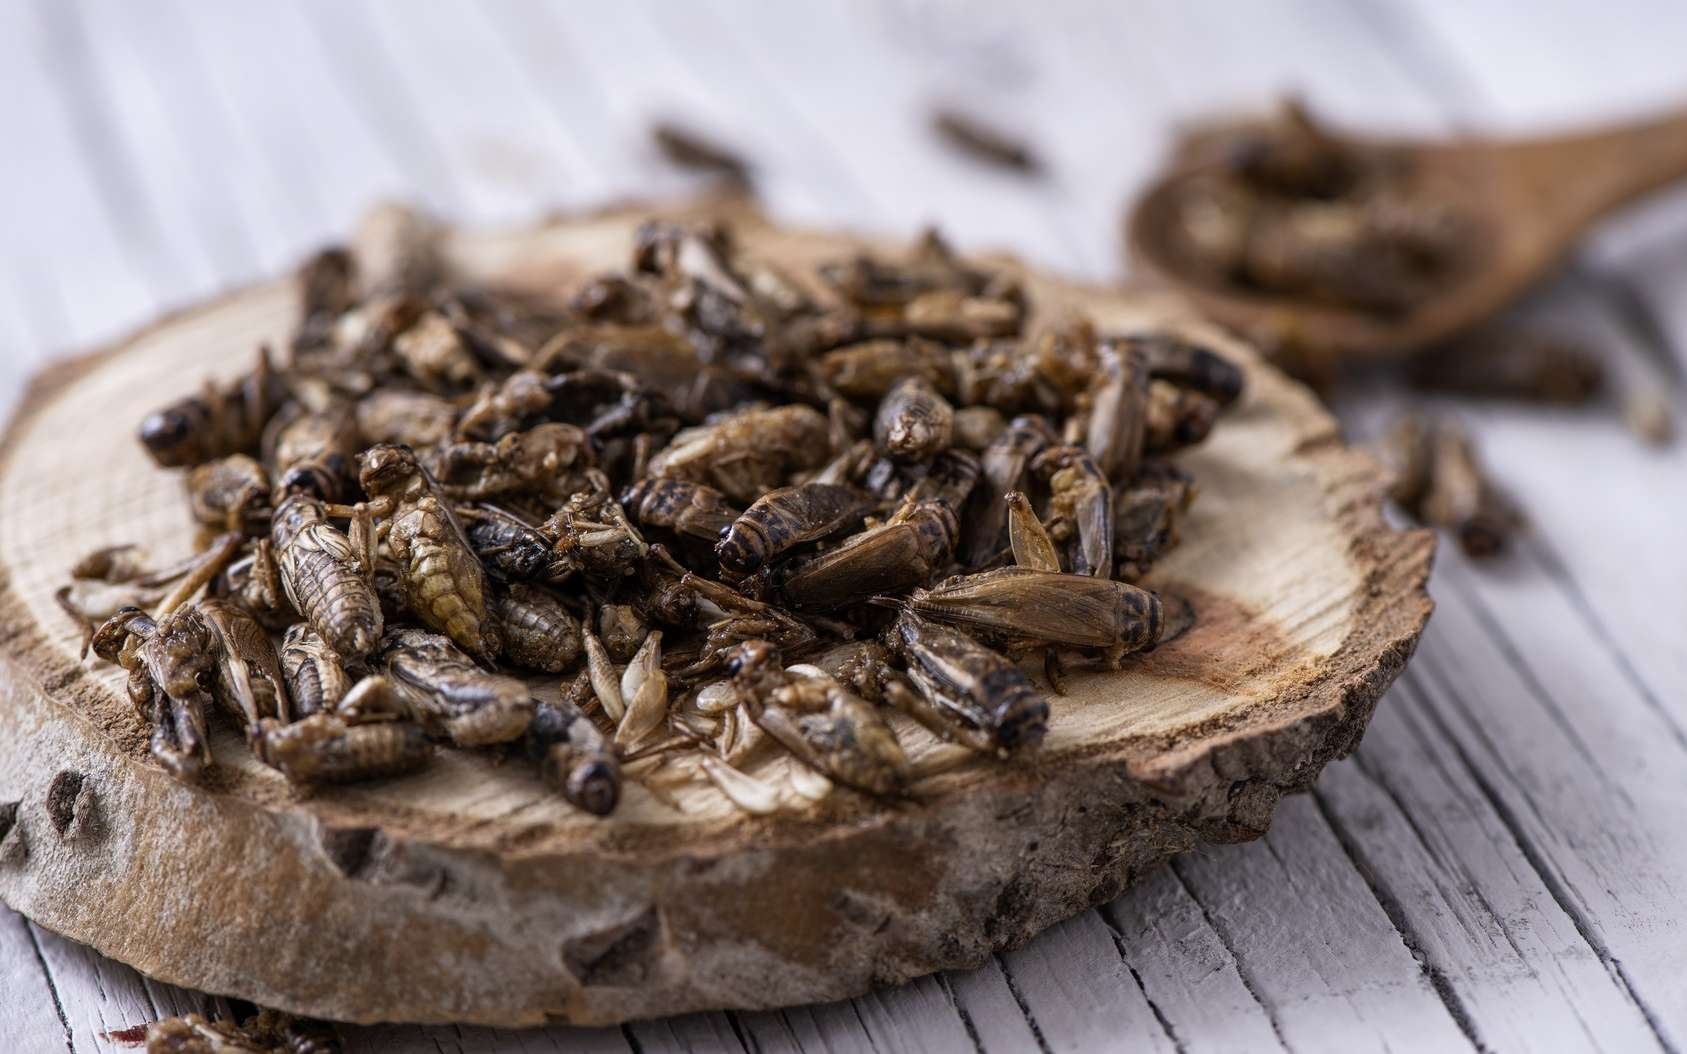 Pourquoi pas des insectes frits pour l'apéro ? © nito, Fotolia